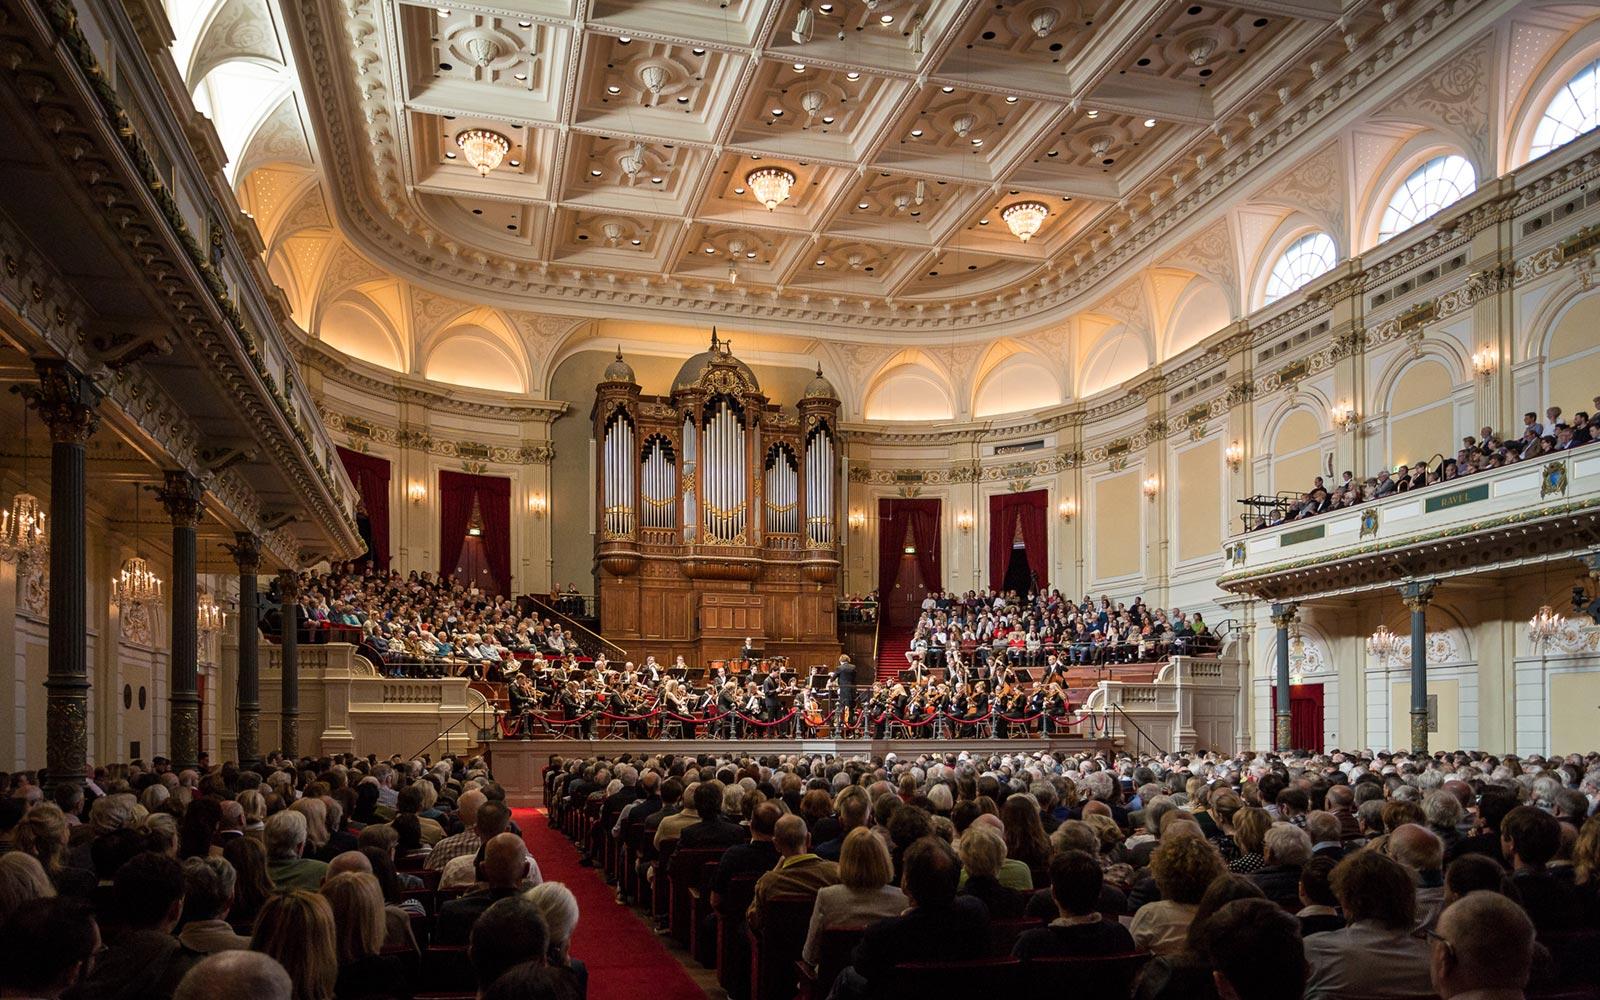 Concertgebouw de Amesterdão